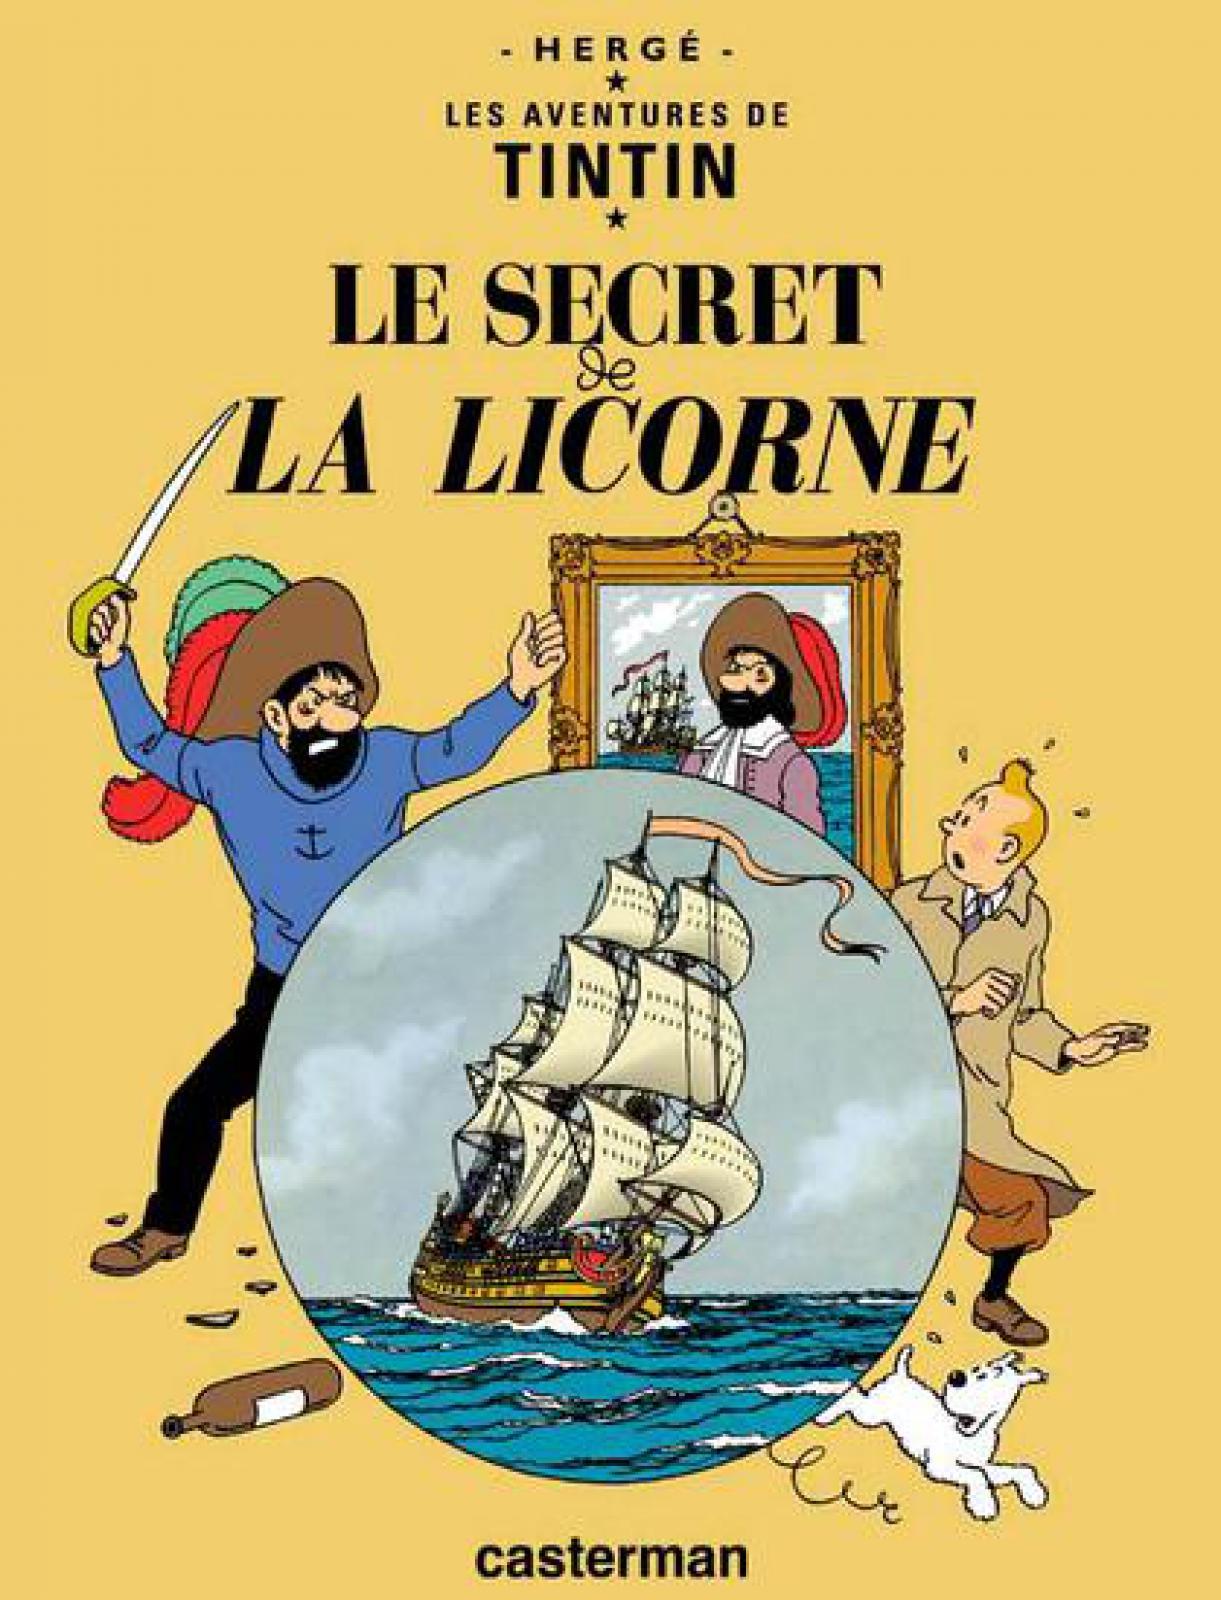 La Licorne au 1/72ème Etude - Page 2 9963649782203001107